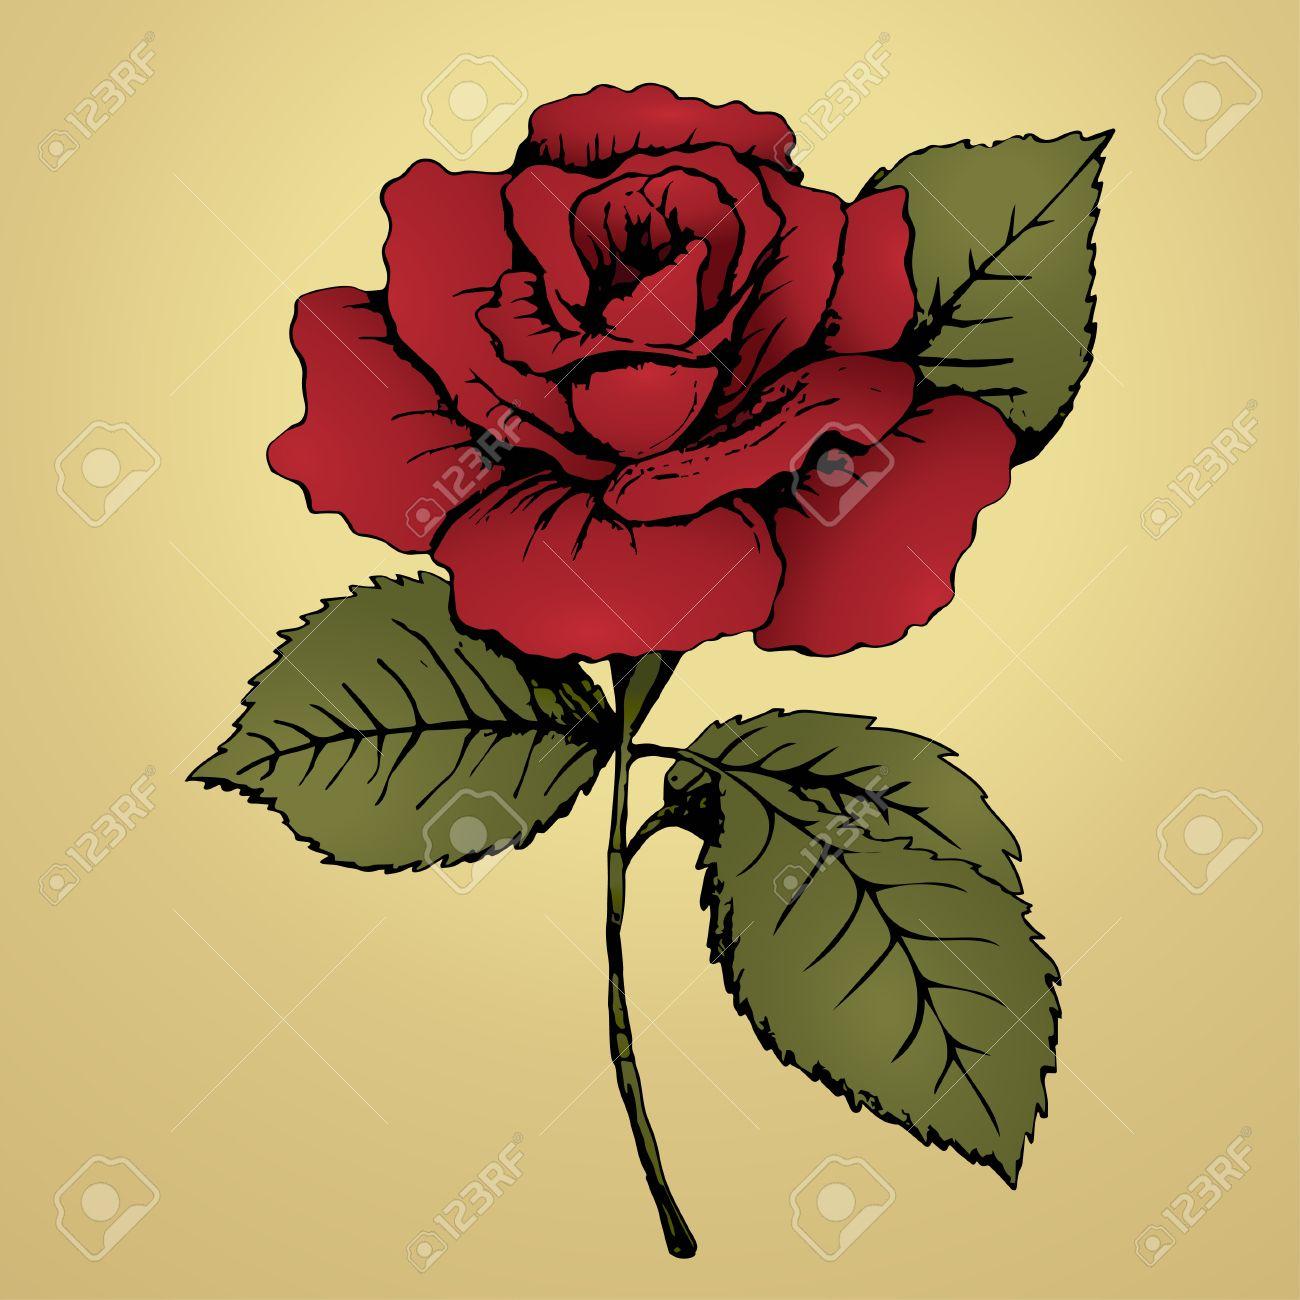 Flor Color De Rosa Roja Dibujo A Mano Bud Pétalos Rojos Hojas